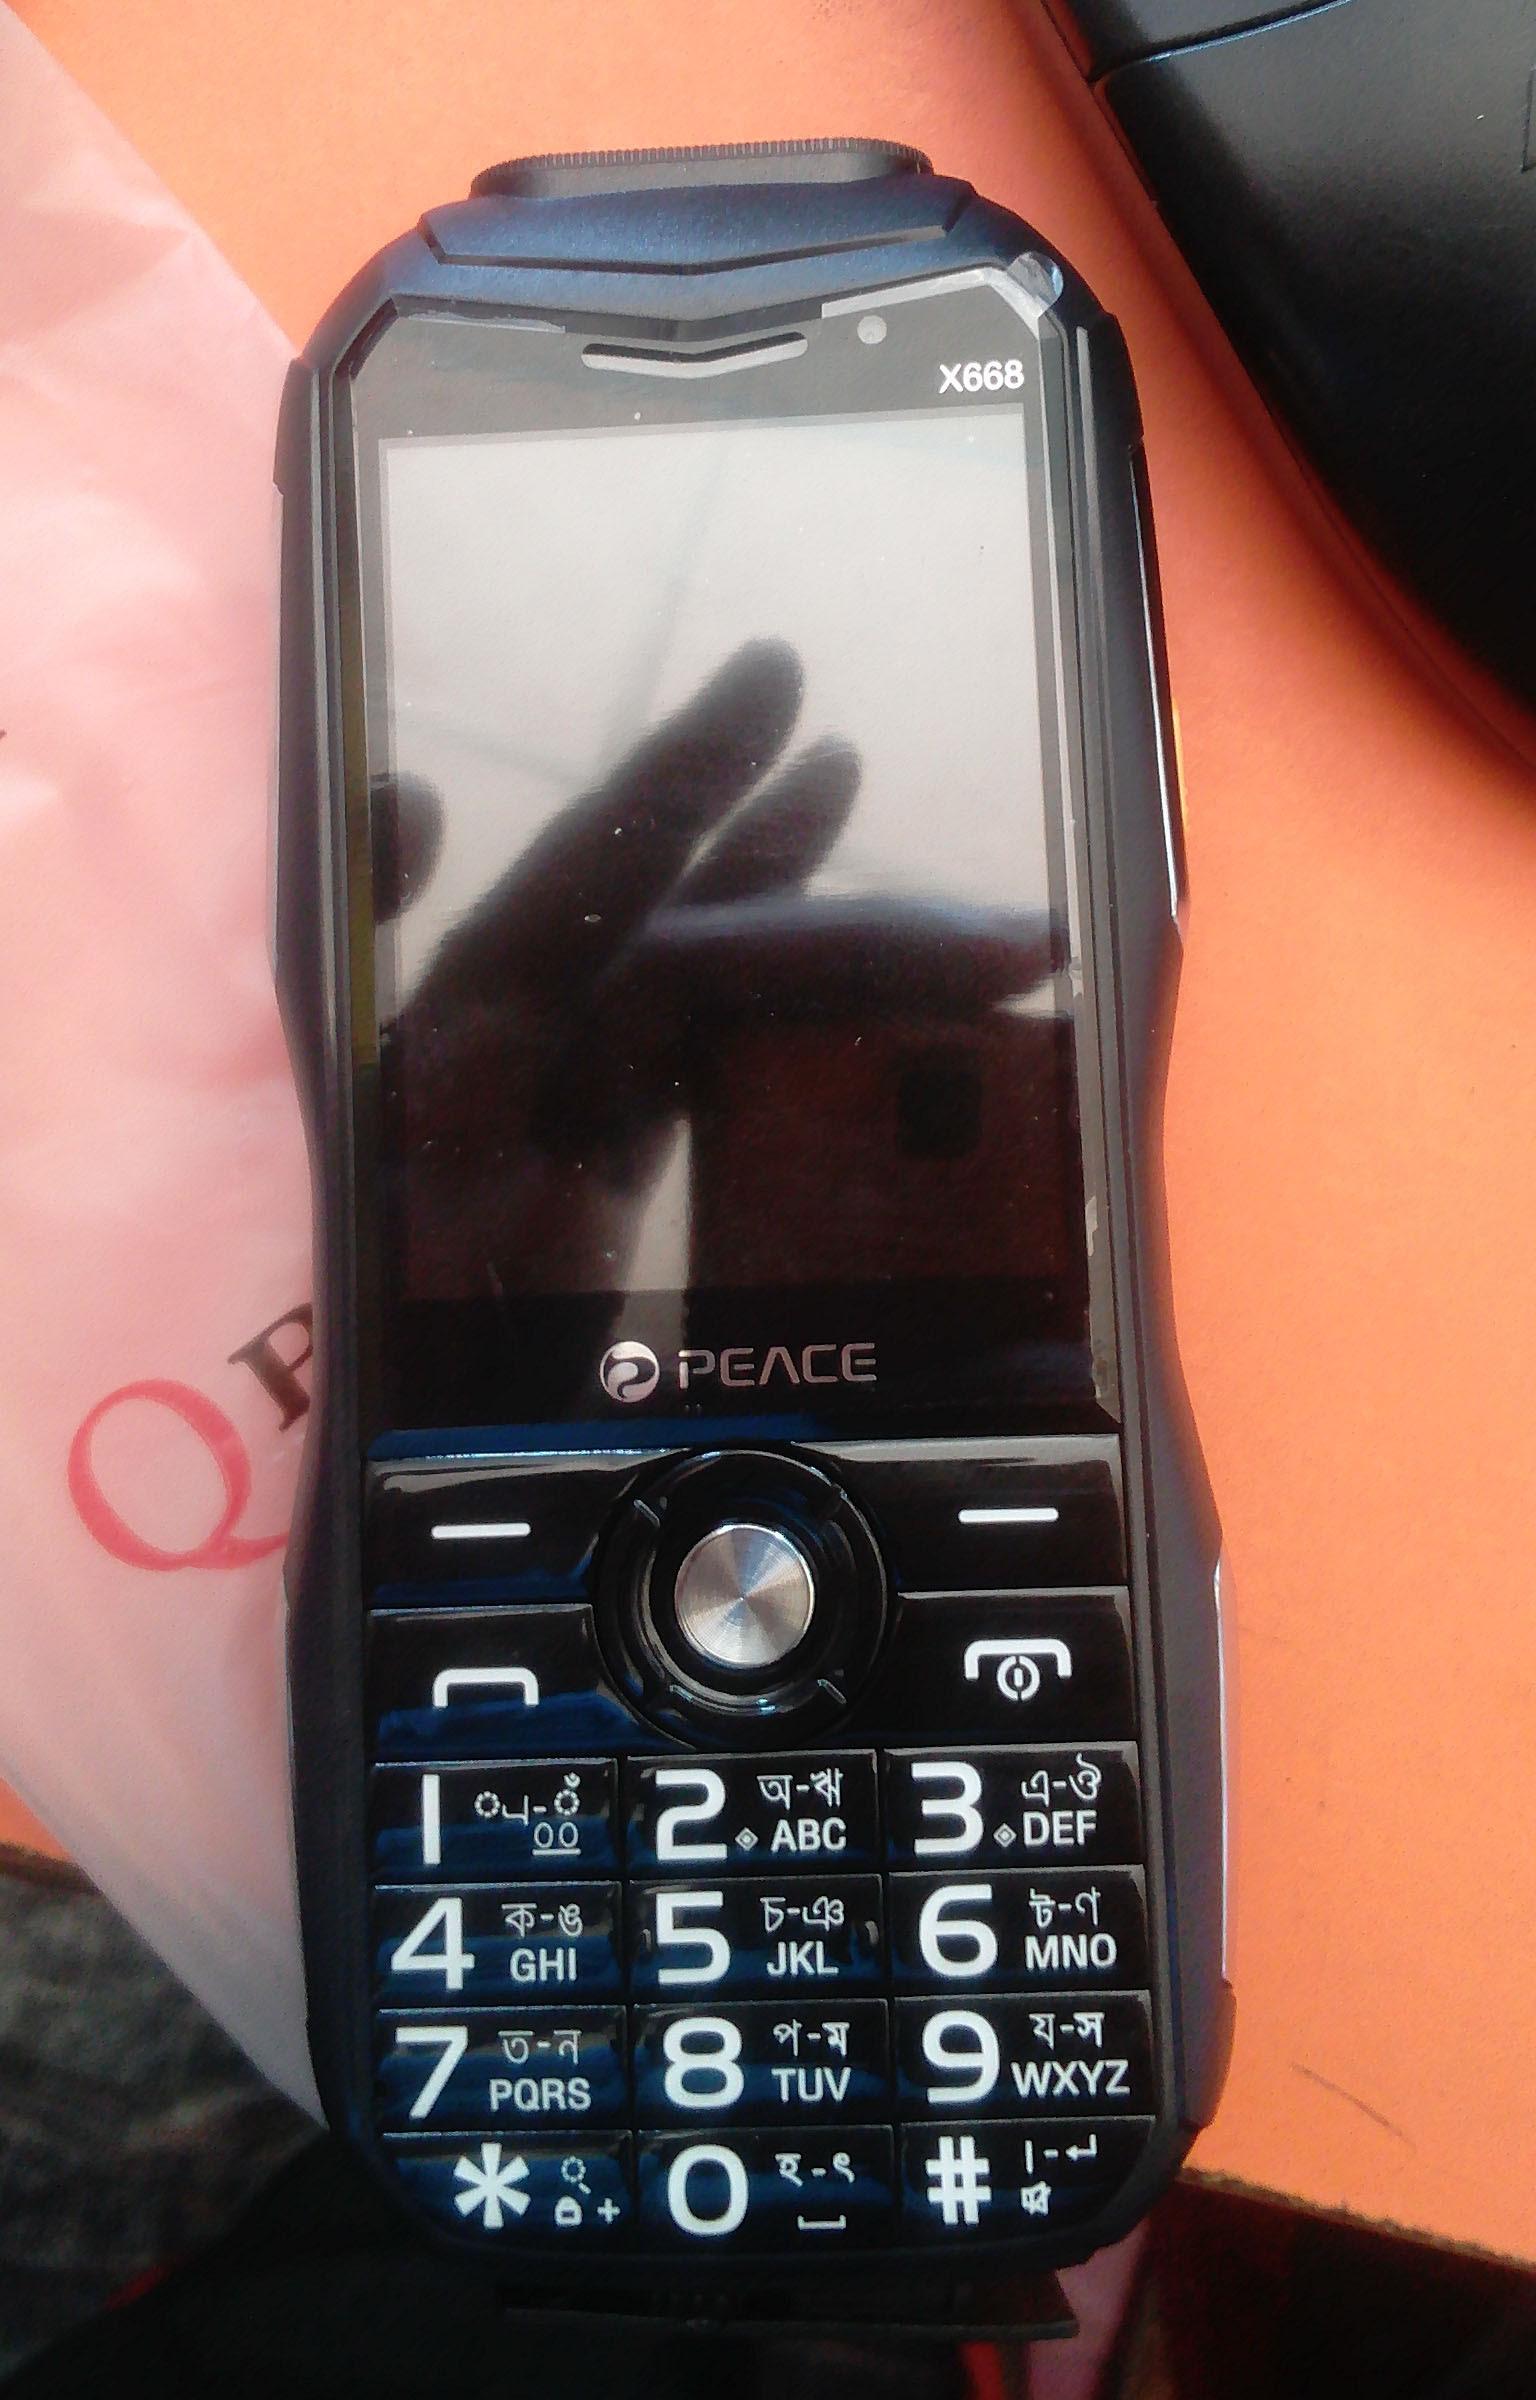 PEACE X668